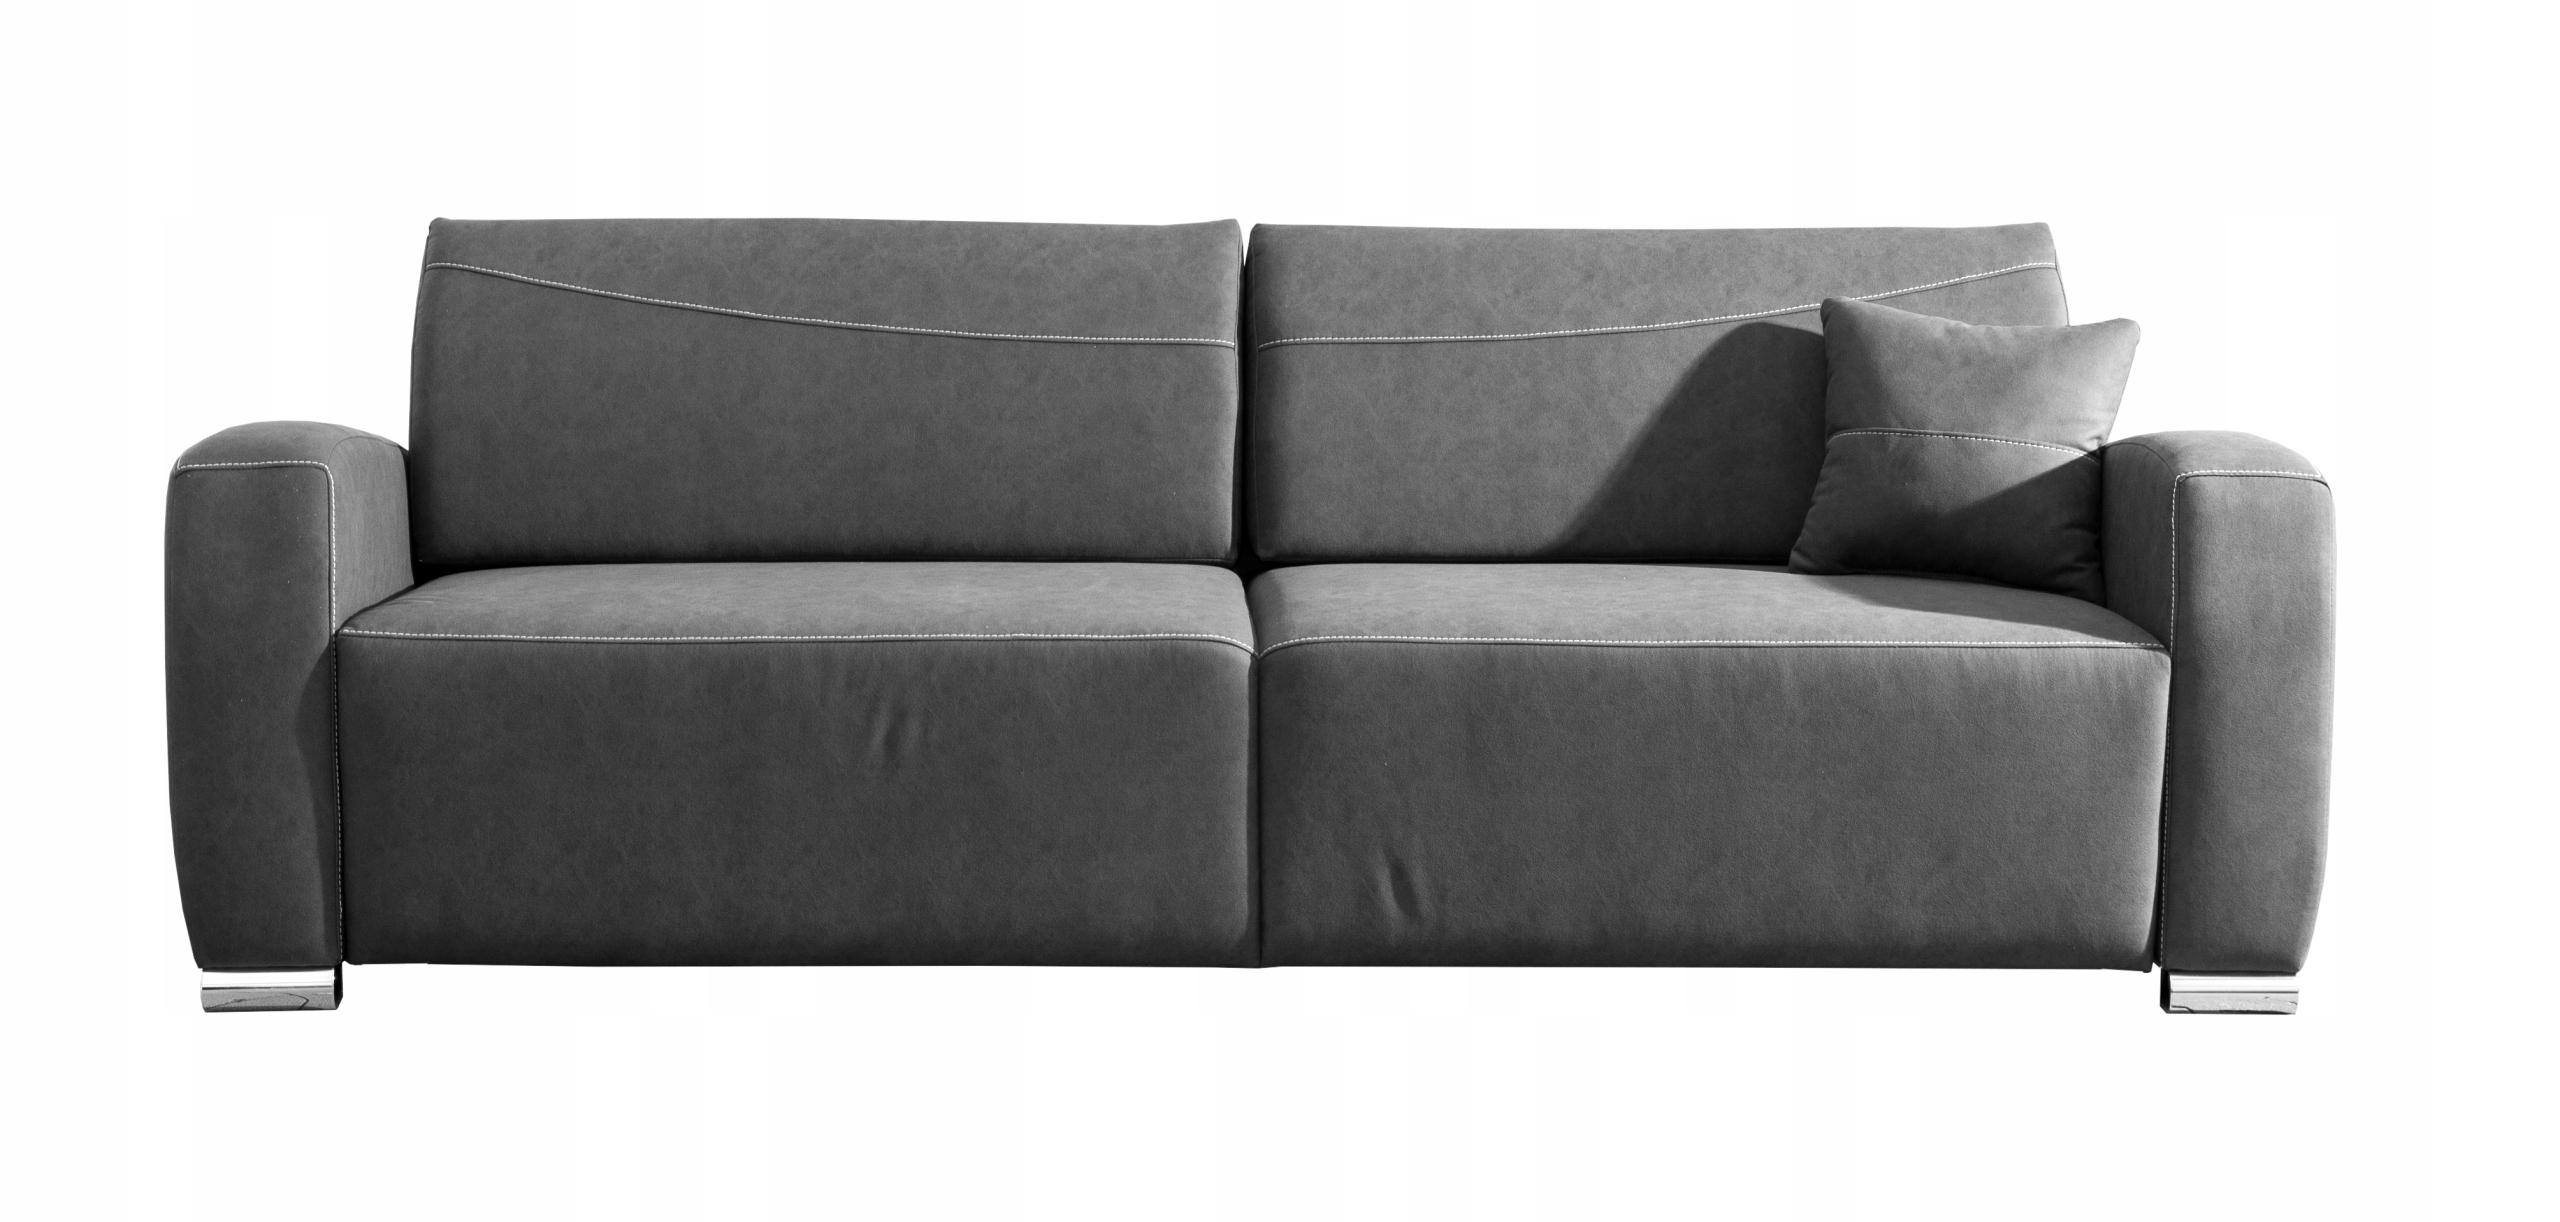 RENO LUX stilvolles Sofa für das Wohnzimmer / f. Schlaf / Farben Kollektion ELN57